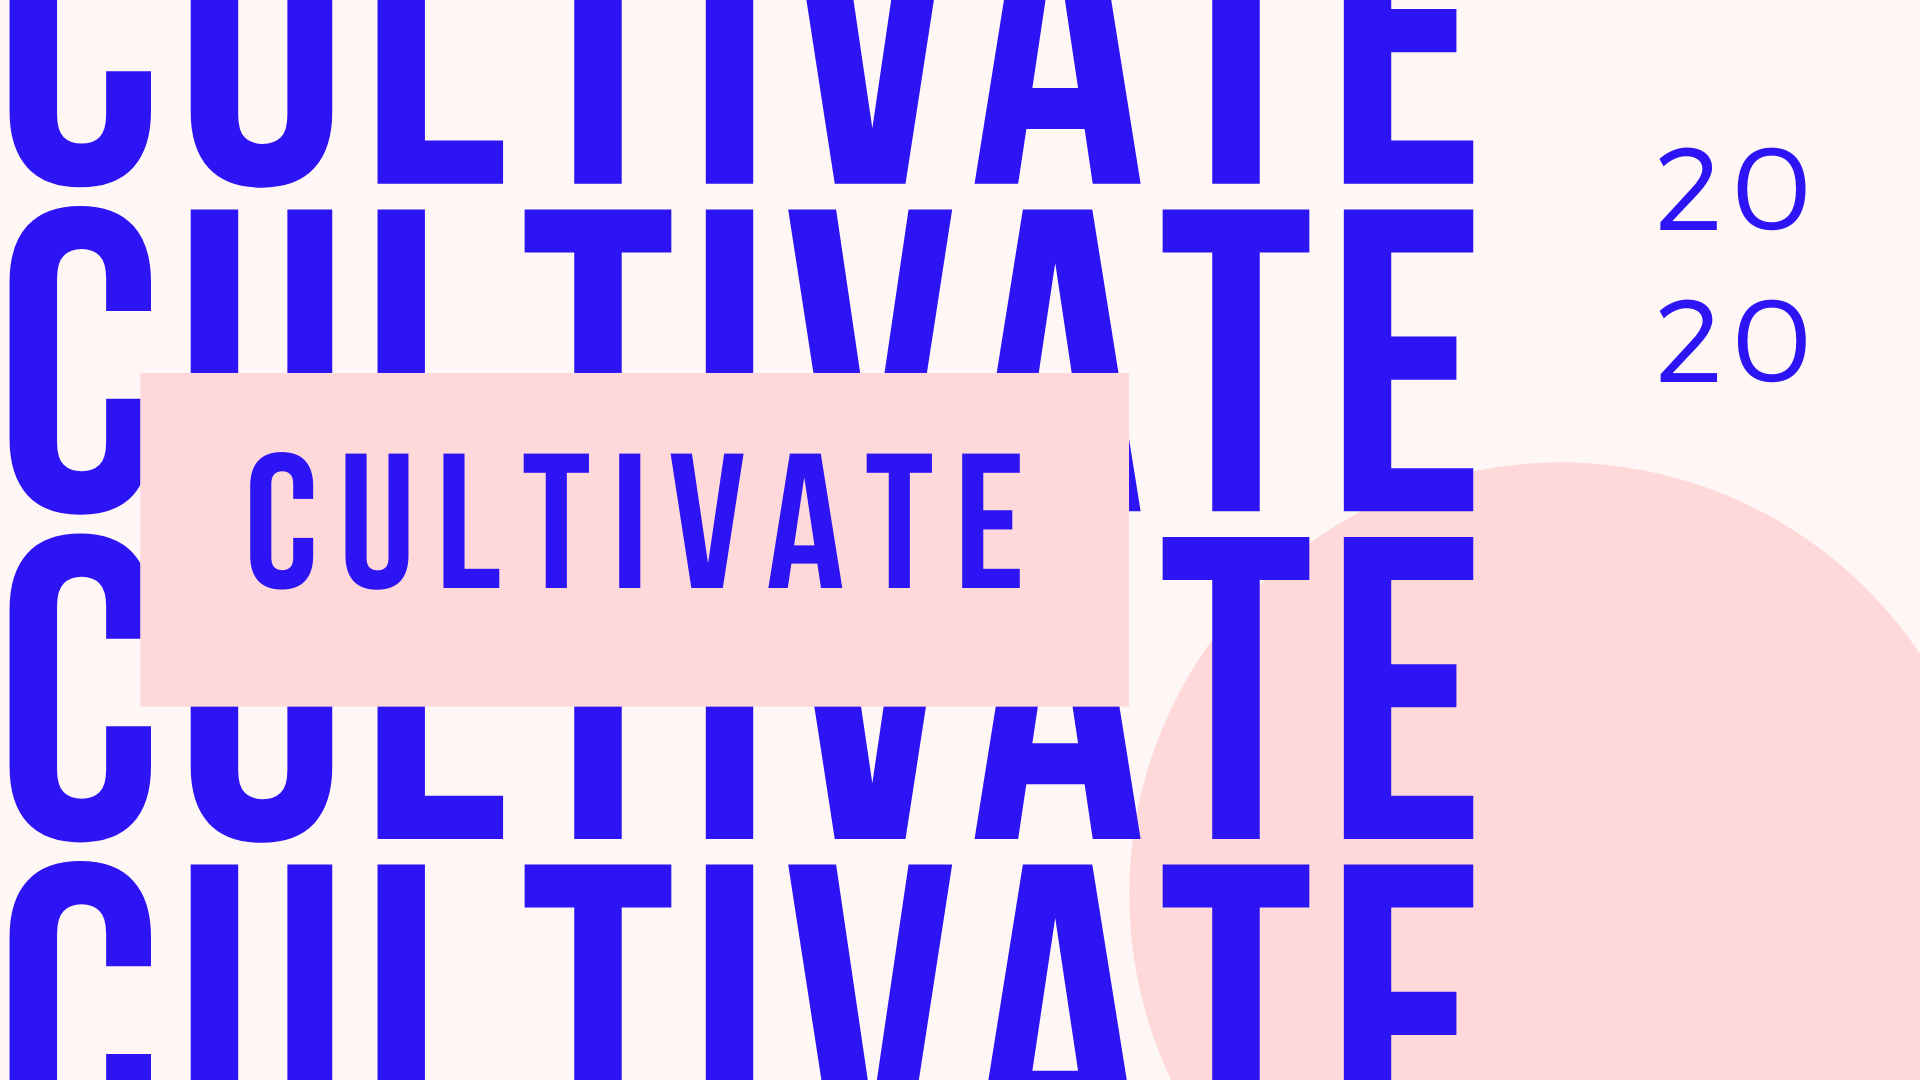 Cultivate 2020